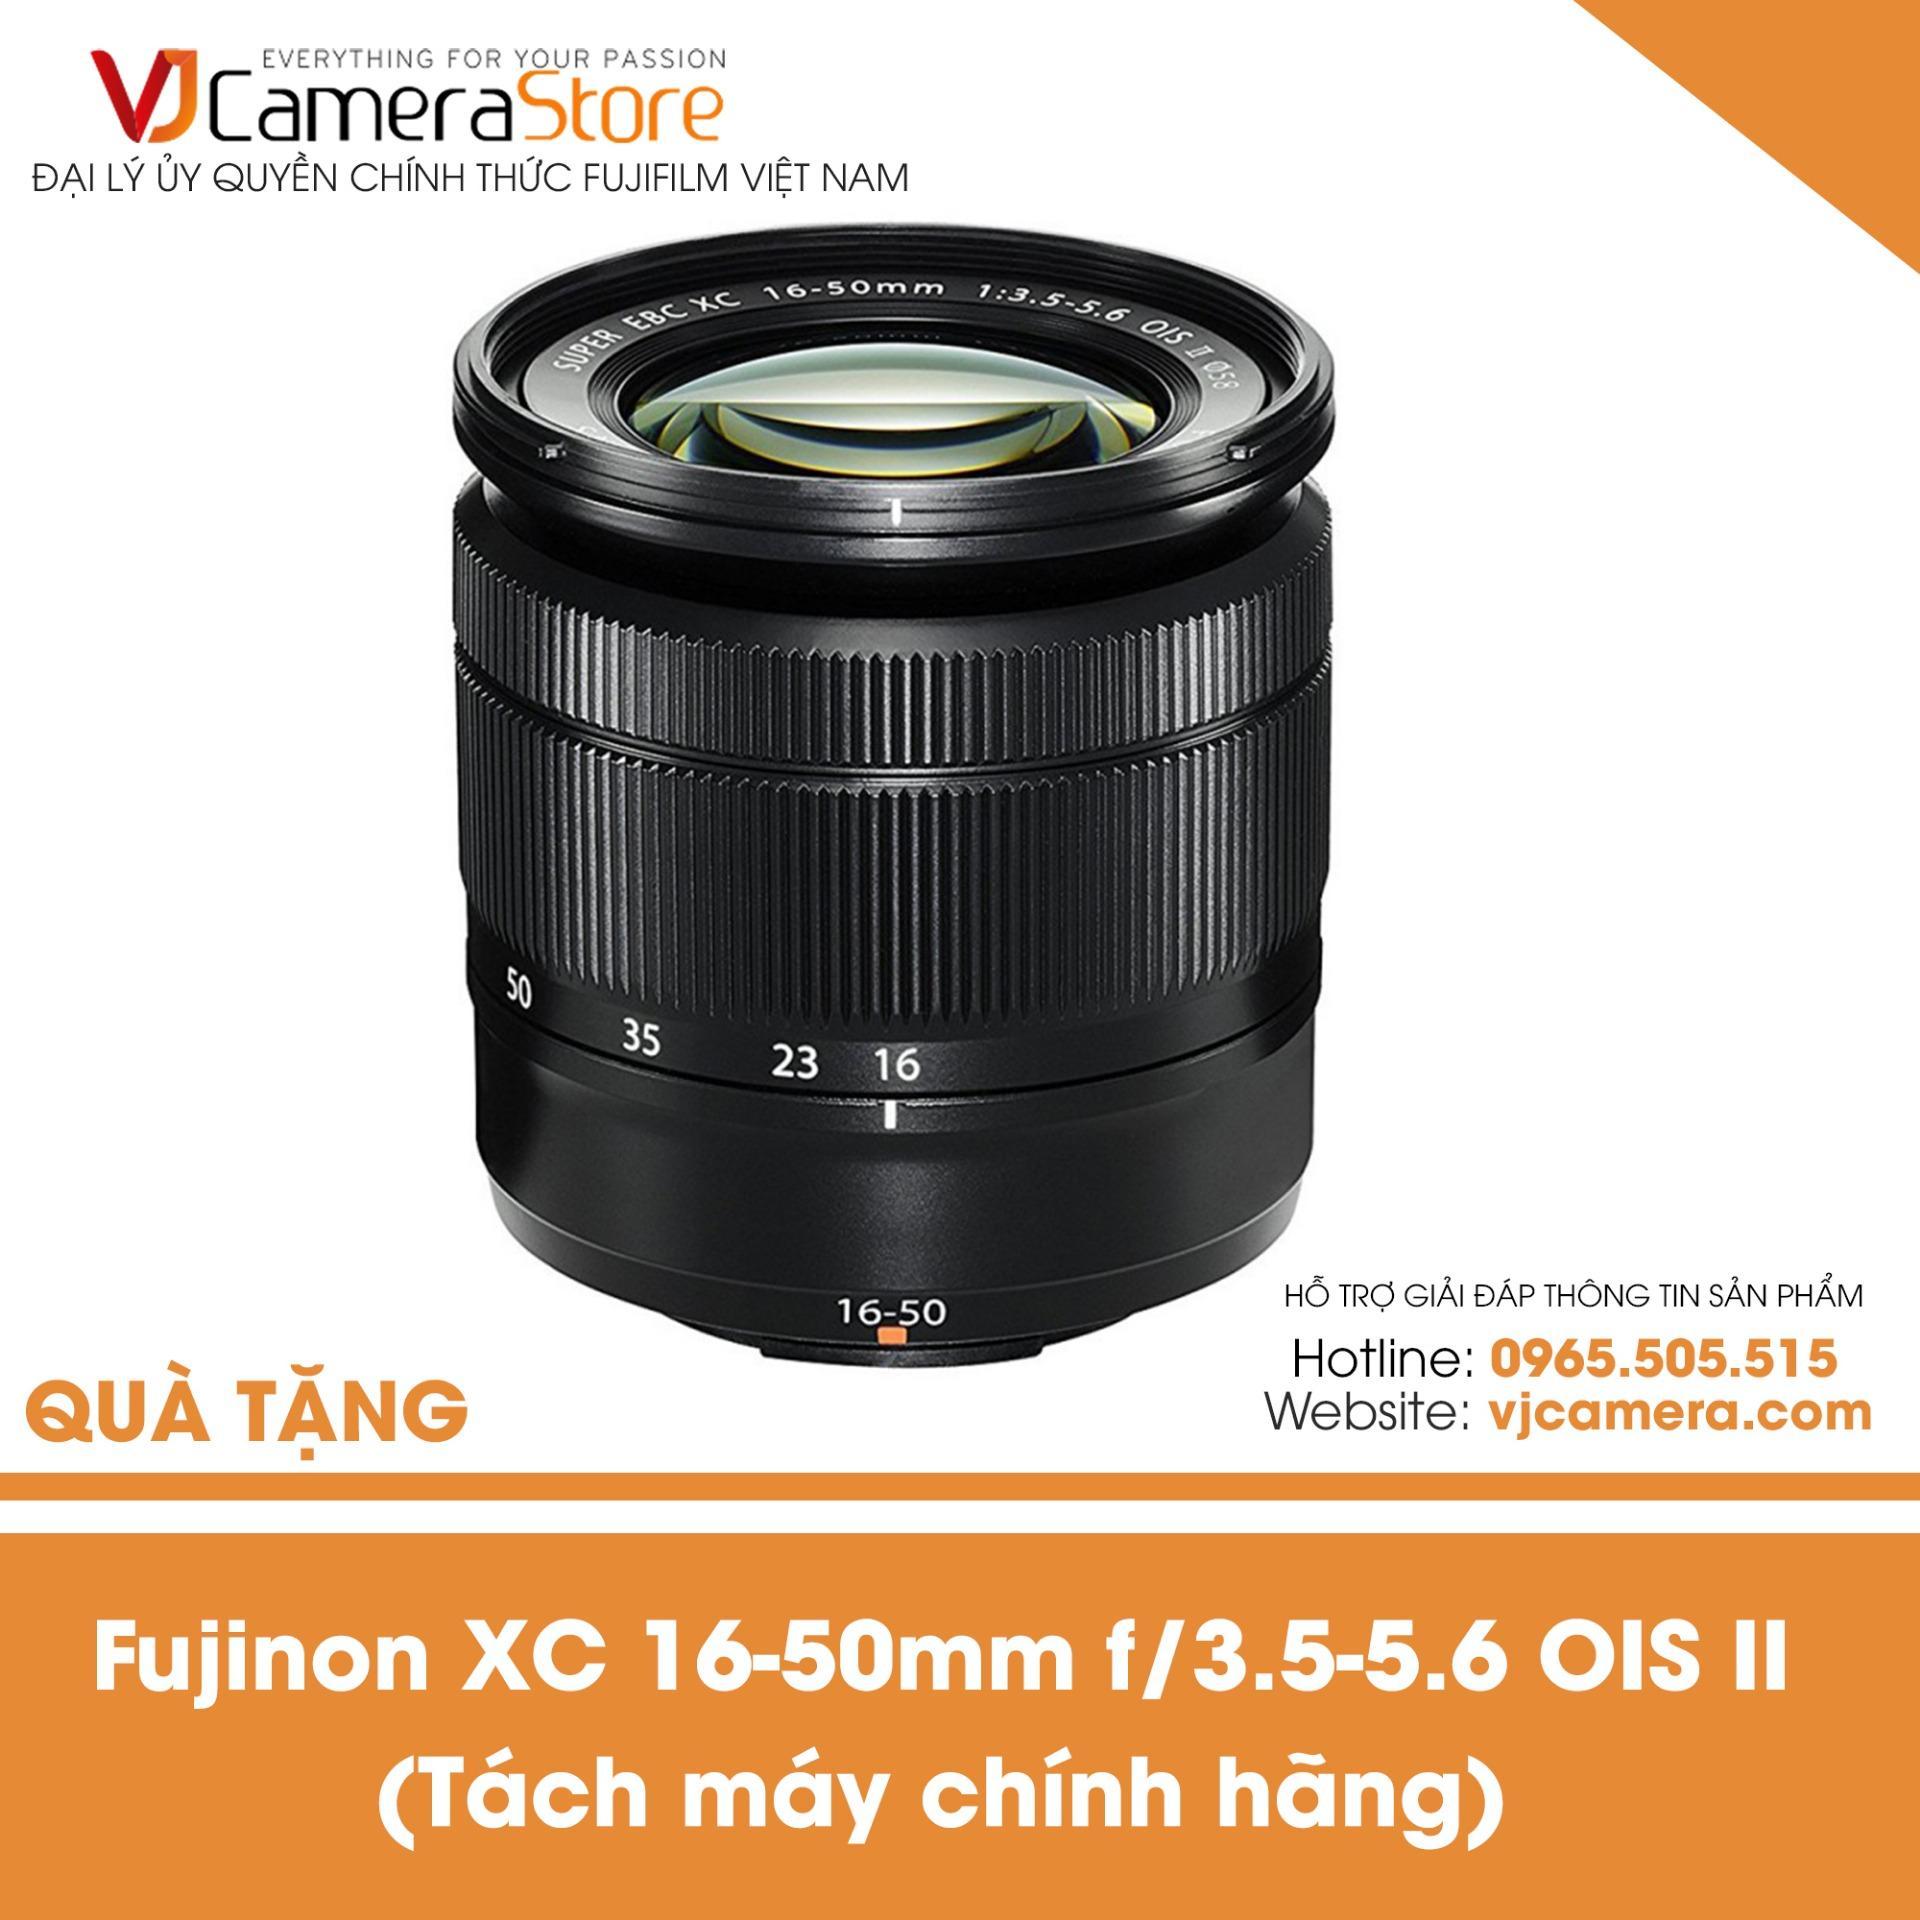 Ống kính FUJIFILM Kit XC 16-50mm F3.5-5.6 OIS II màu đen (tách máy từ chính hãng) – Hãng phân phối chính thức